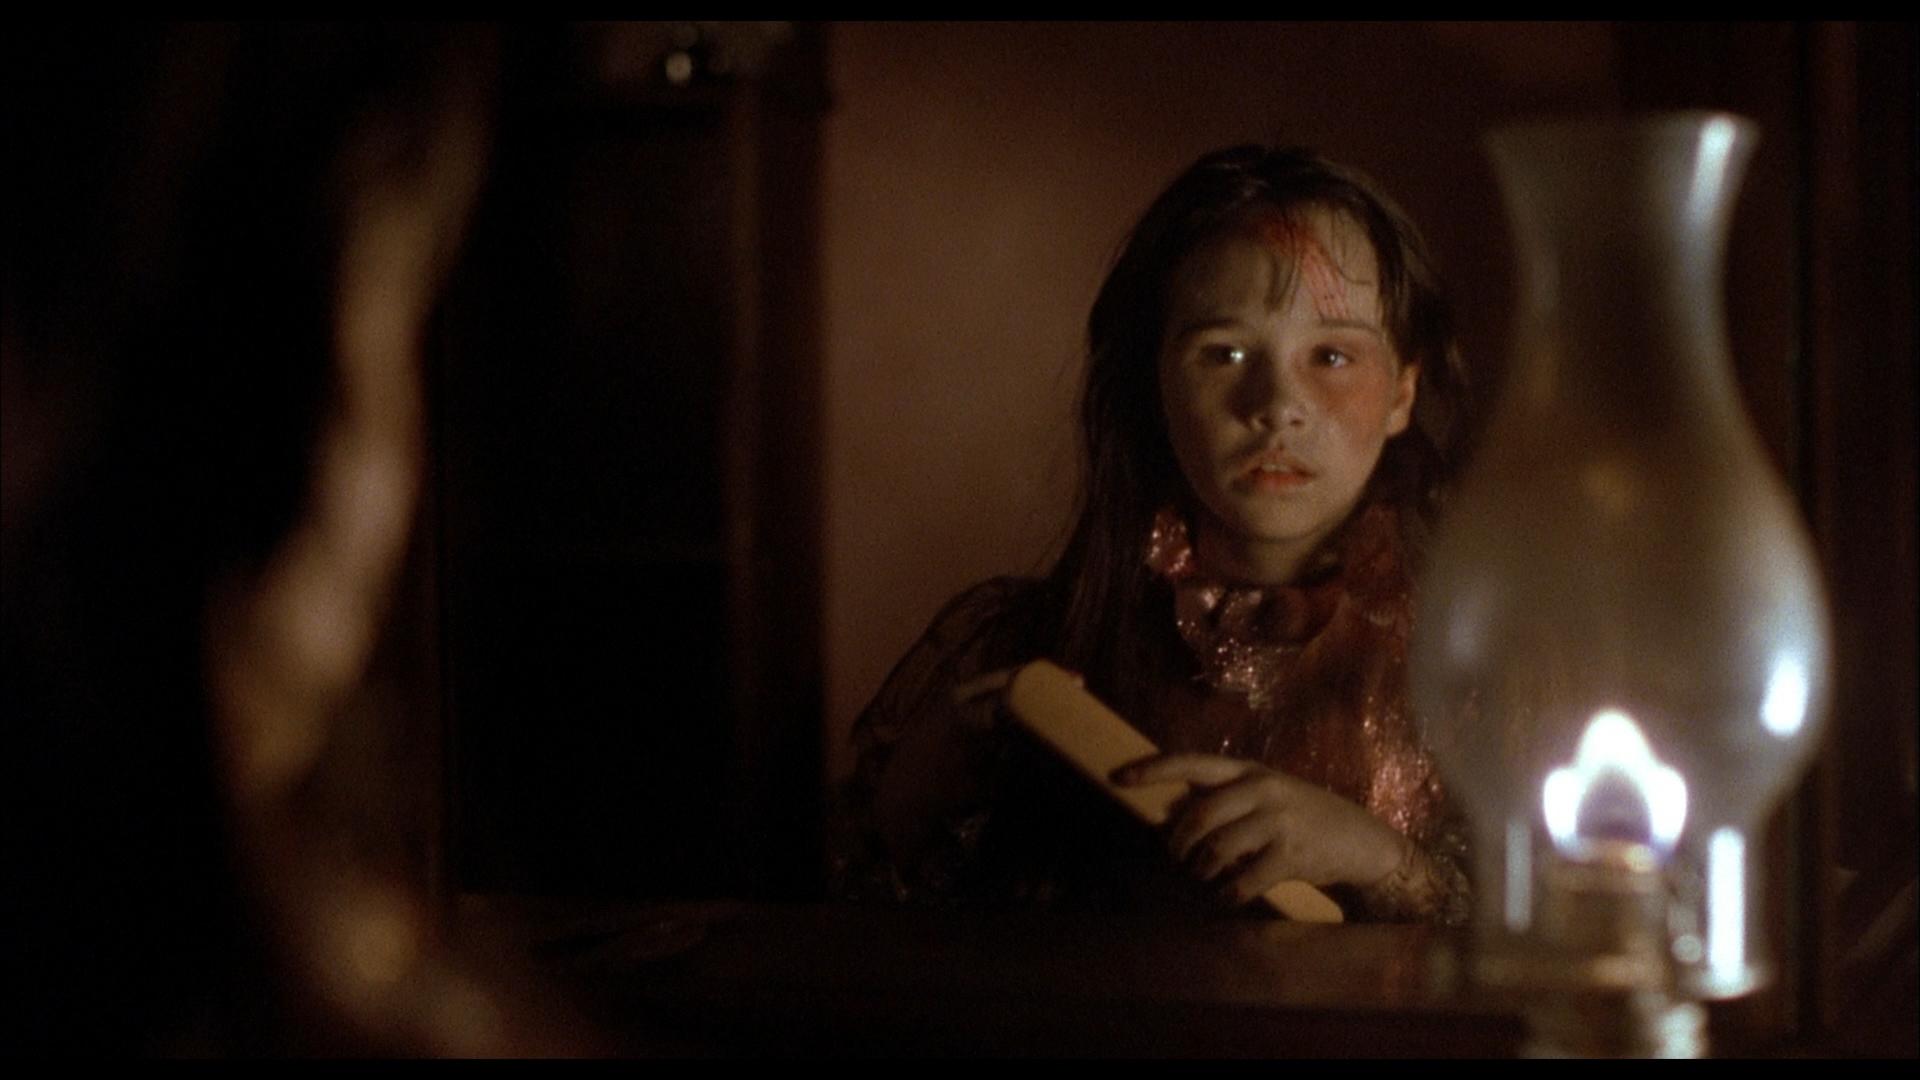 Jamie, la niña protagonista de esta secuela